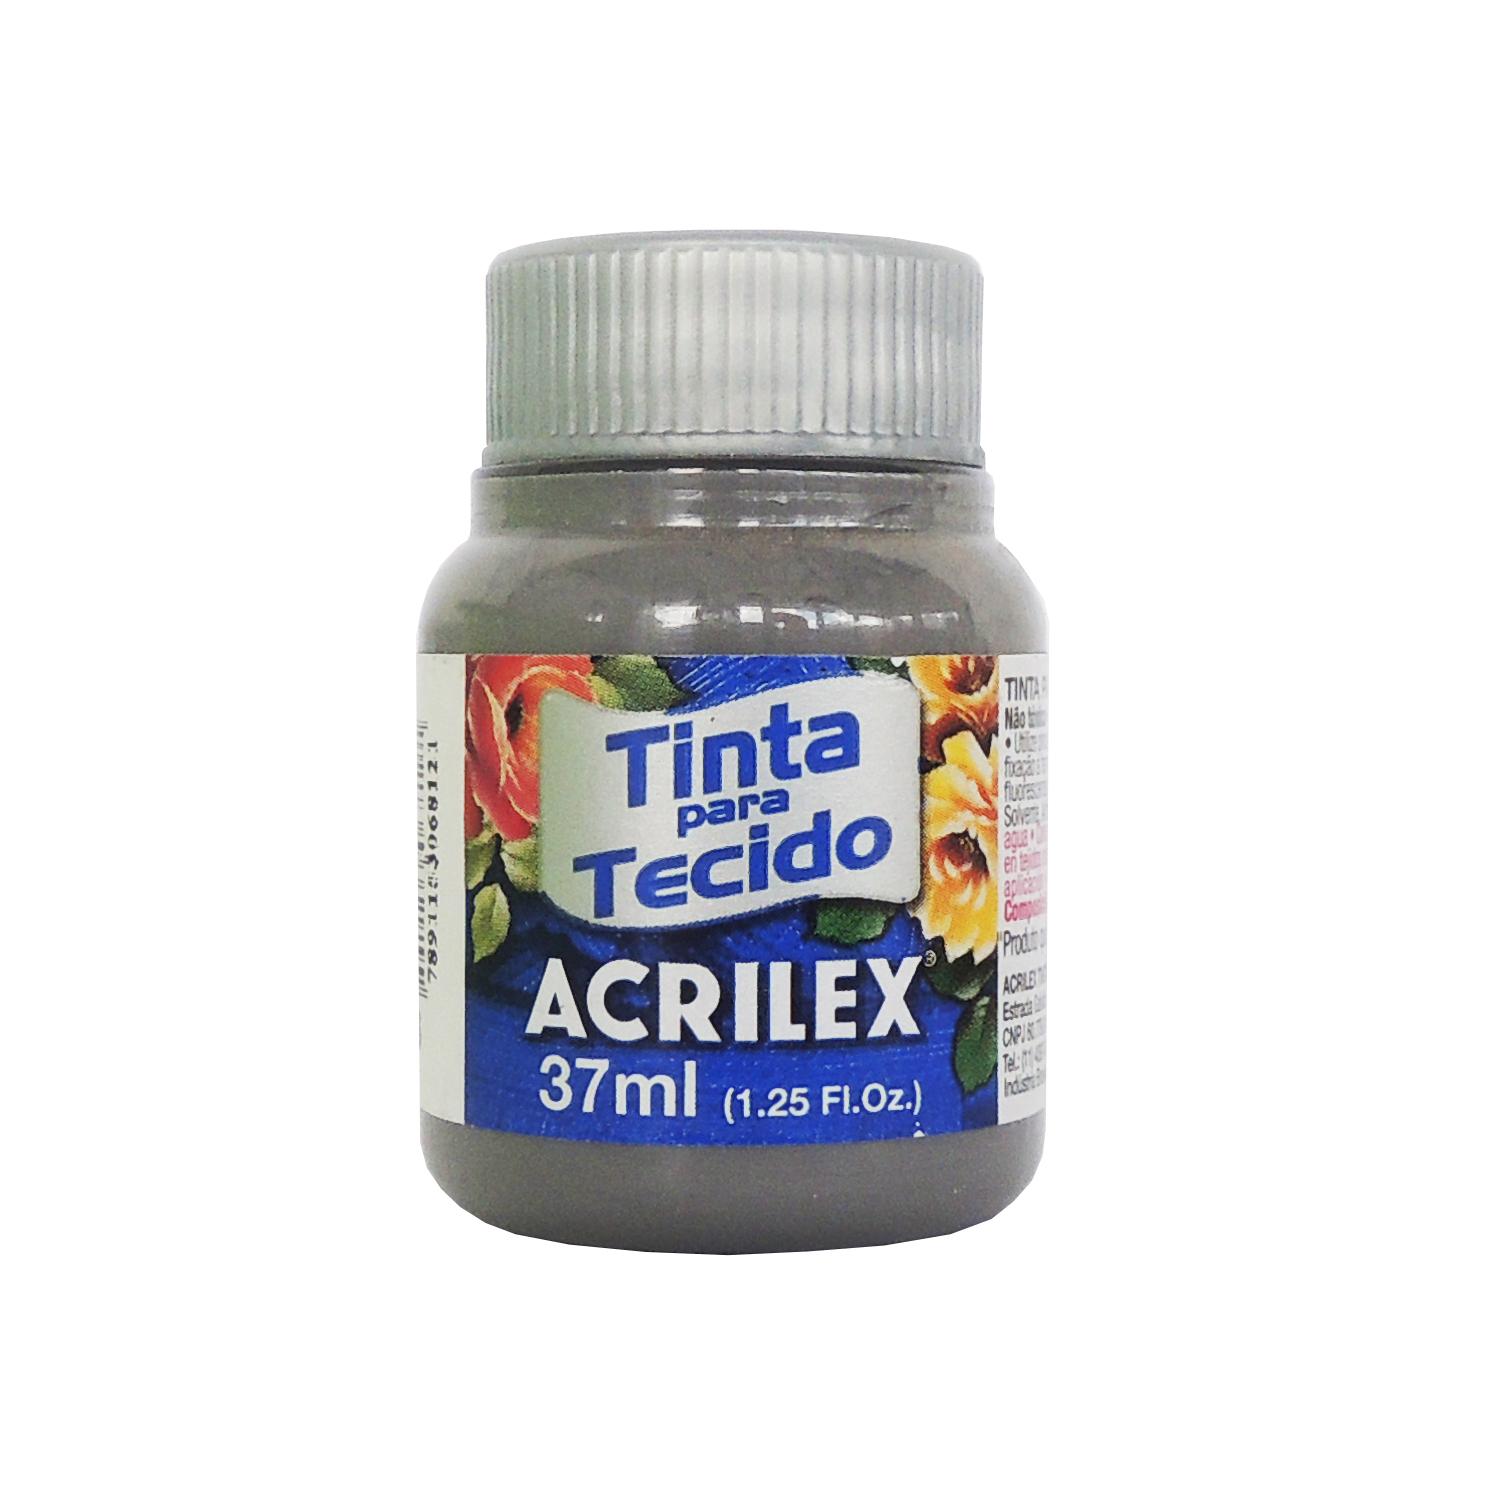 tinta-para-tecido-acrilex-37ml-933-cinza